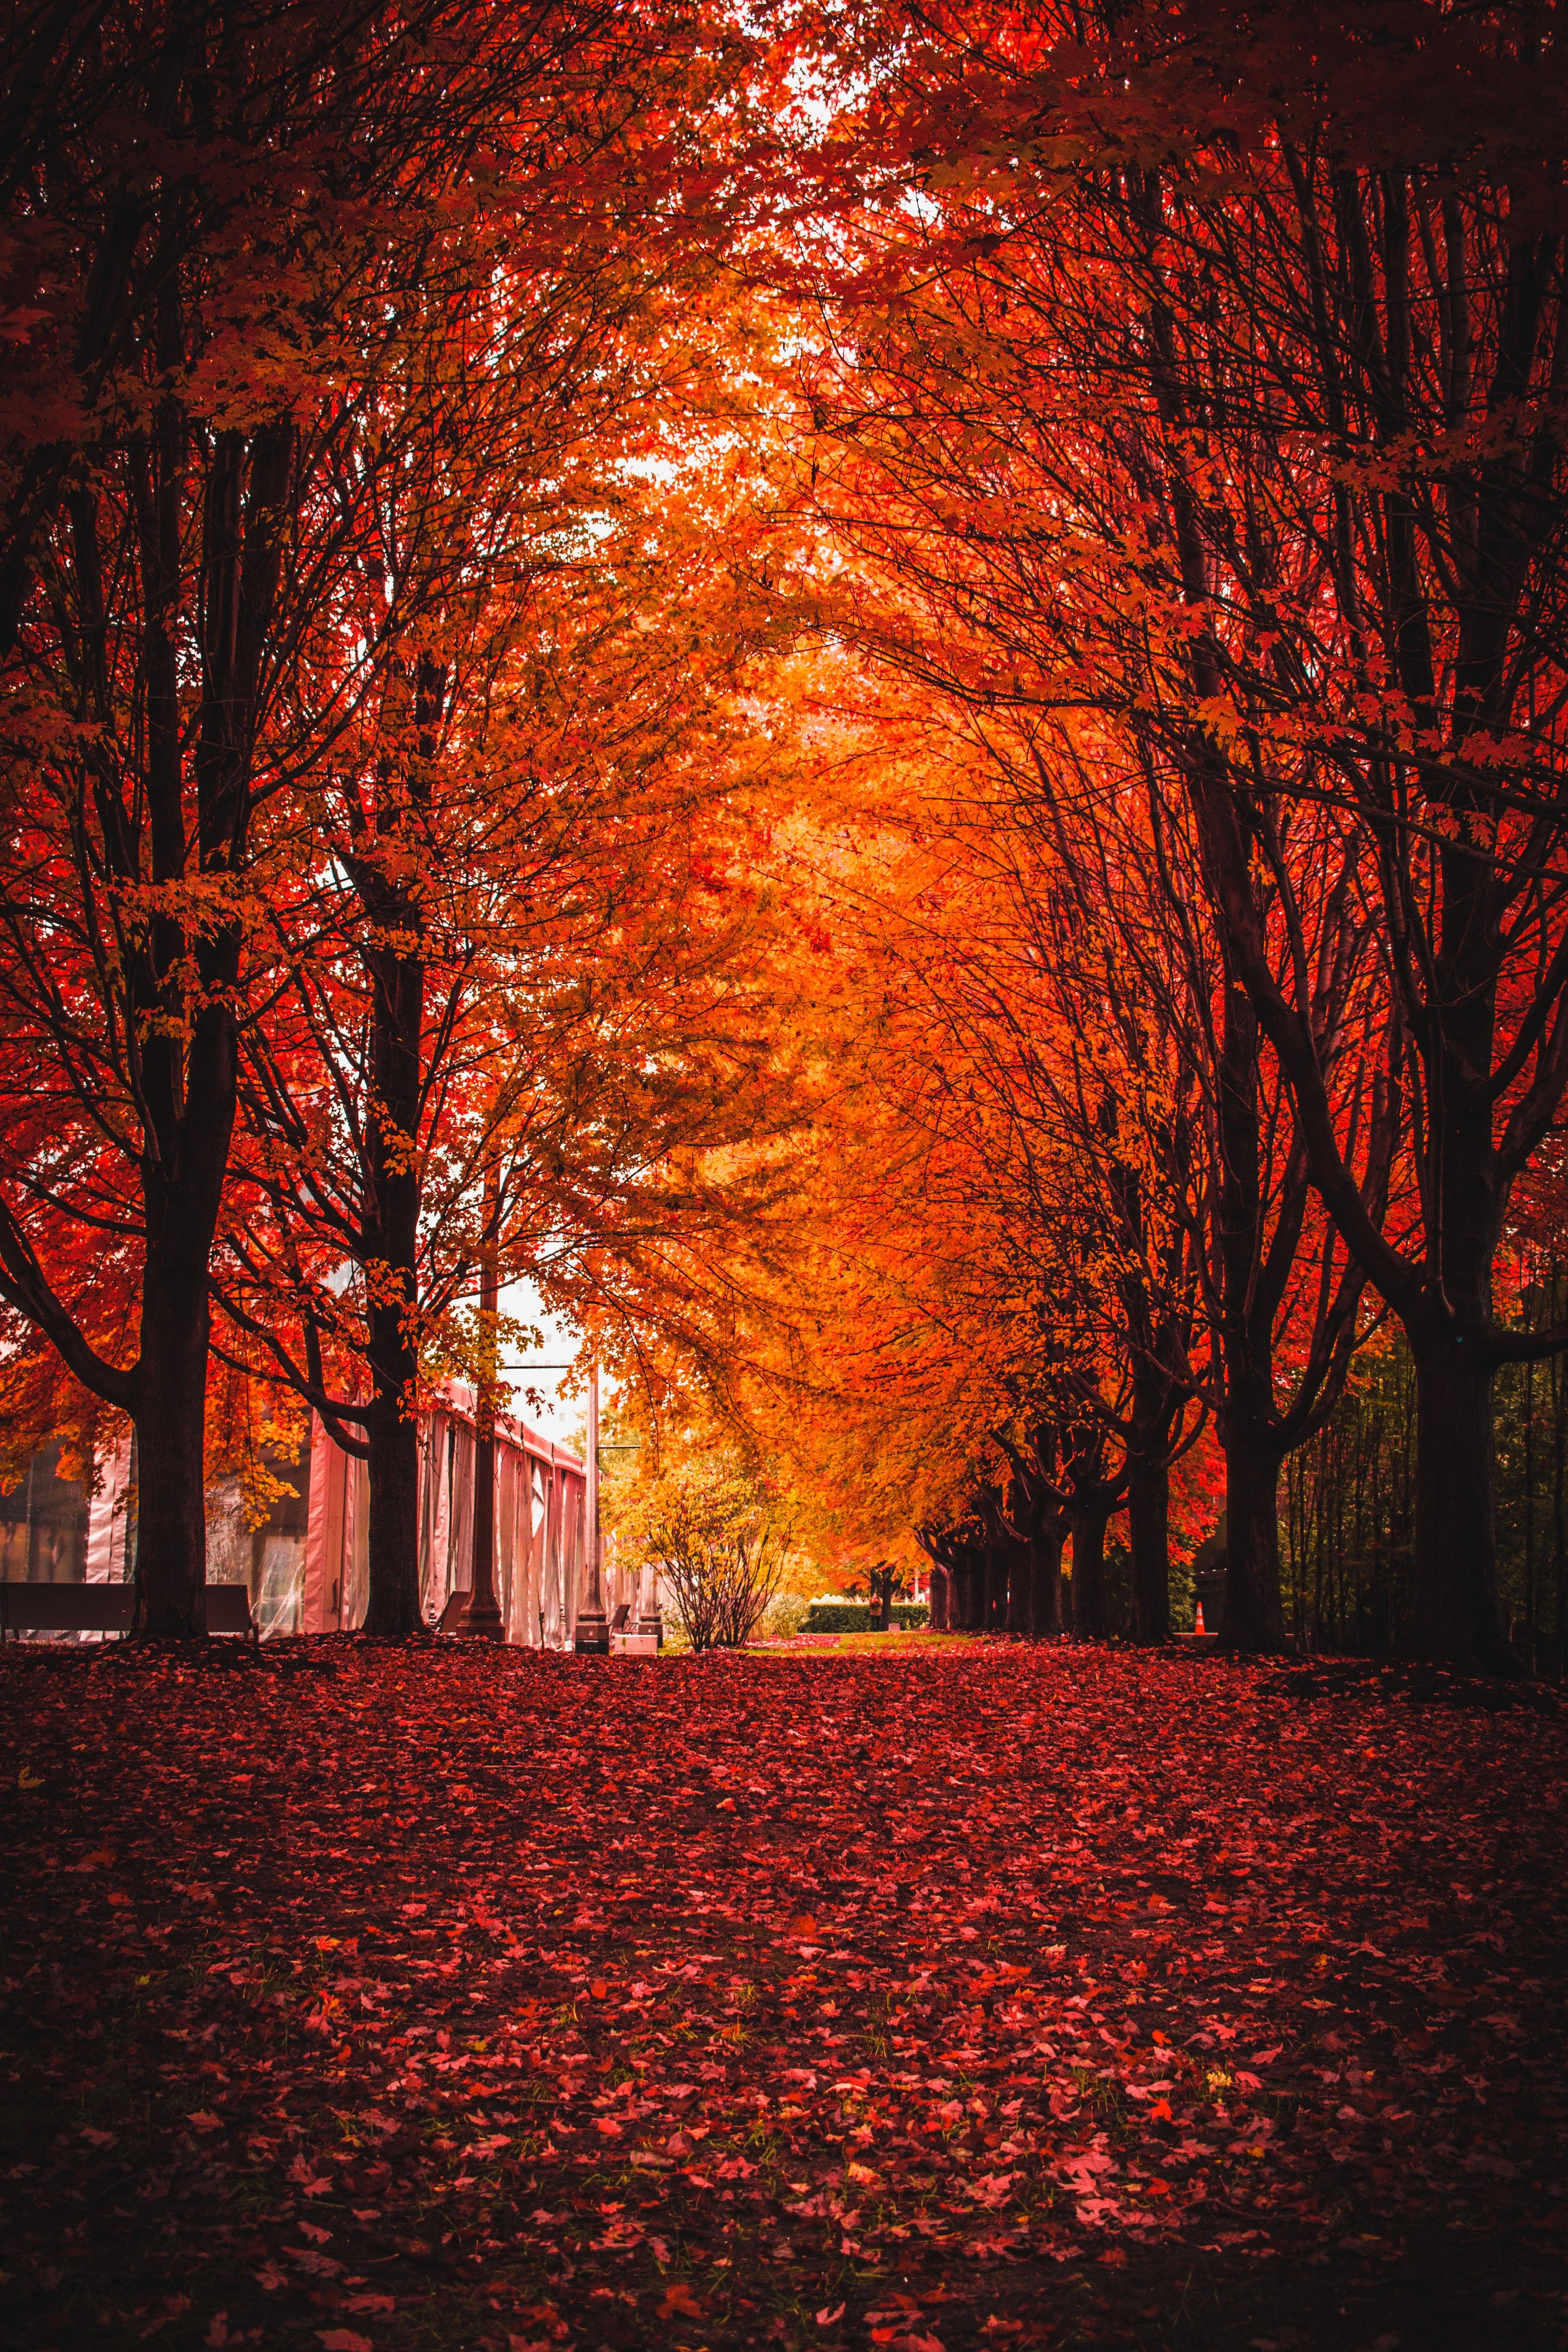 59719 скачать обои Природа, Осень, Парк, Деревья, Листва - заставки и картинки бесплатно